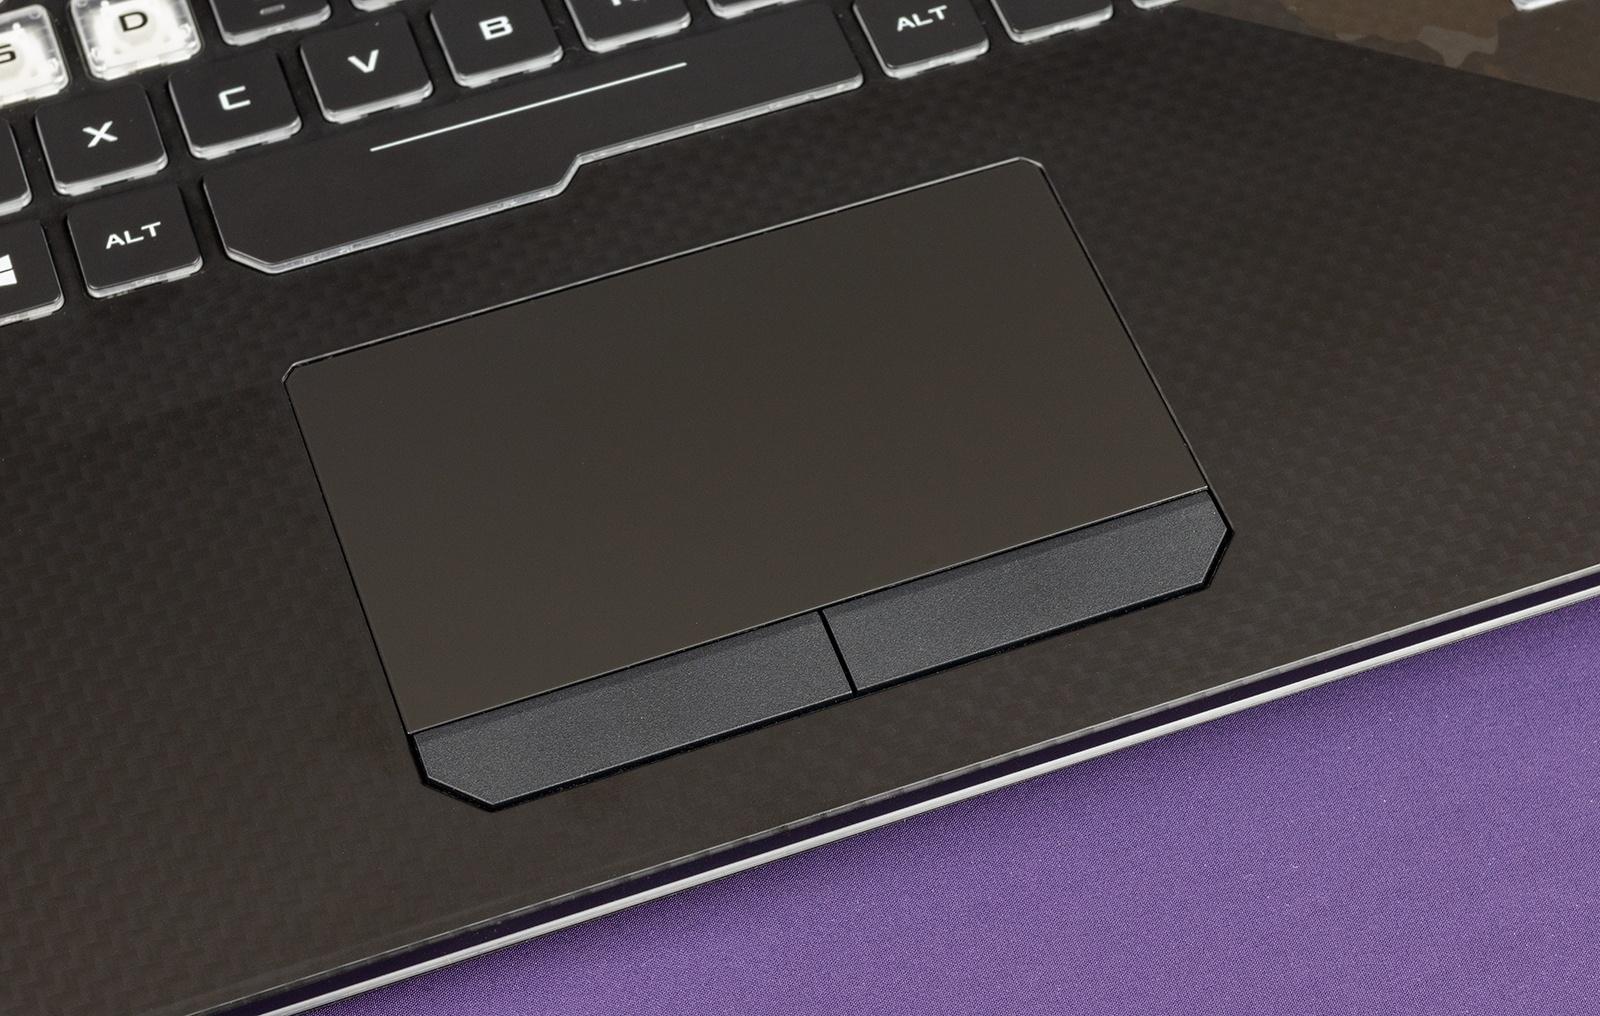 Обзор игровых ноутбуков ASUS ROG Strix GL504GS SCAR II и ASUS ROG Strix GL504GM HERO II - 27